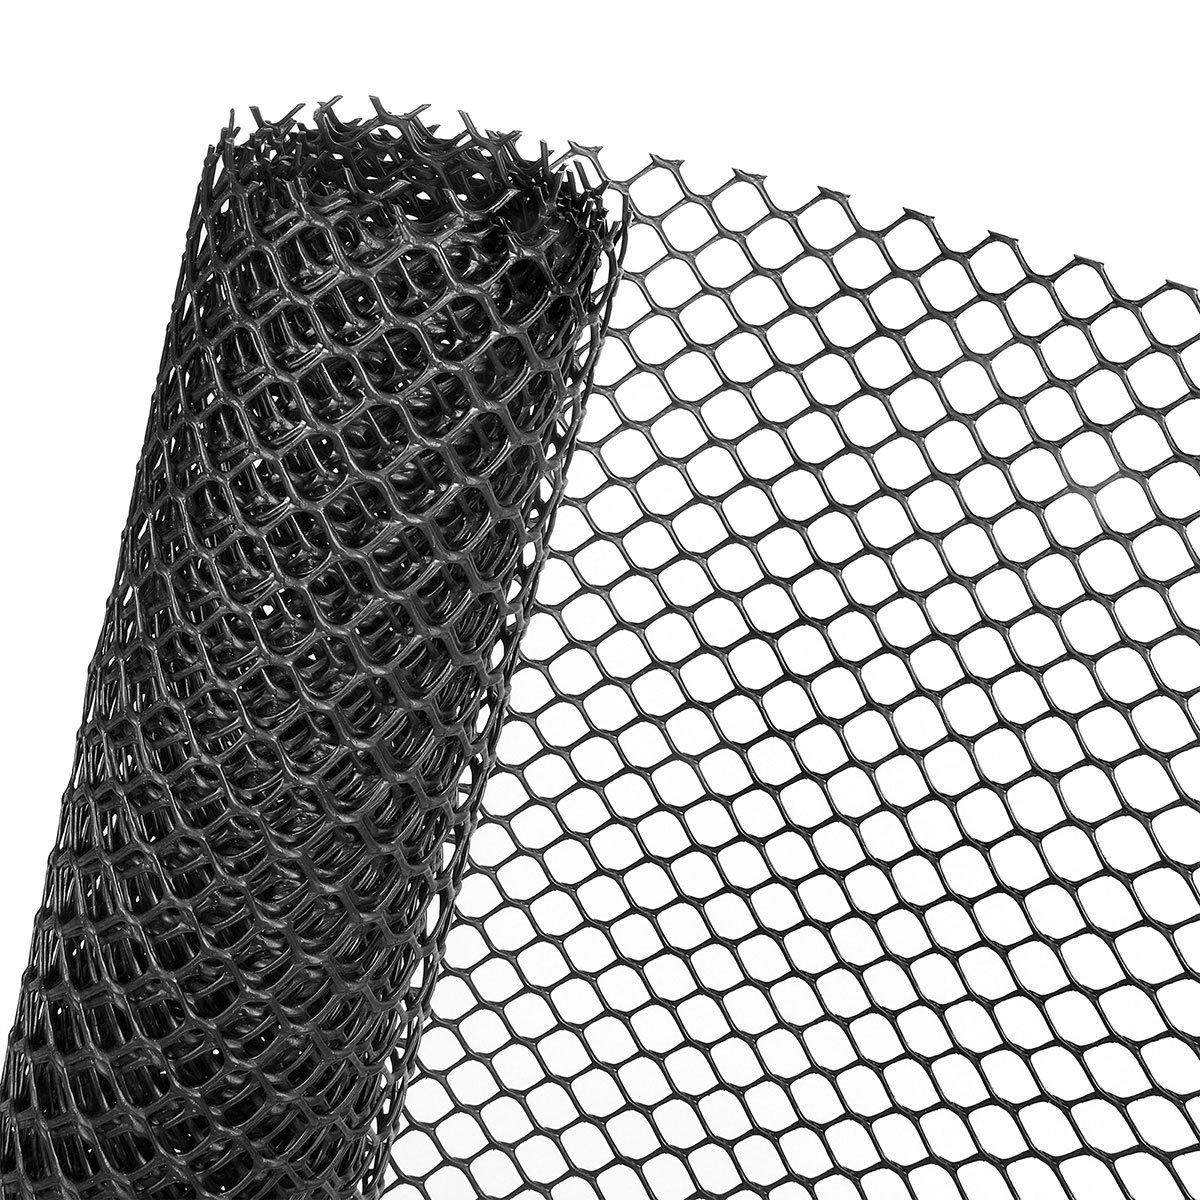 1,3m² RASENSCHUTZGITTER in 1,3m Br., UV-beständig, 600g/m² Gewicht, schwarz (METERWARE) UV-beständig 600g/m² Gewicht Novmax